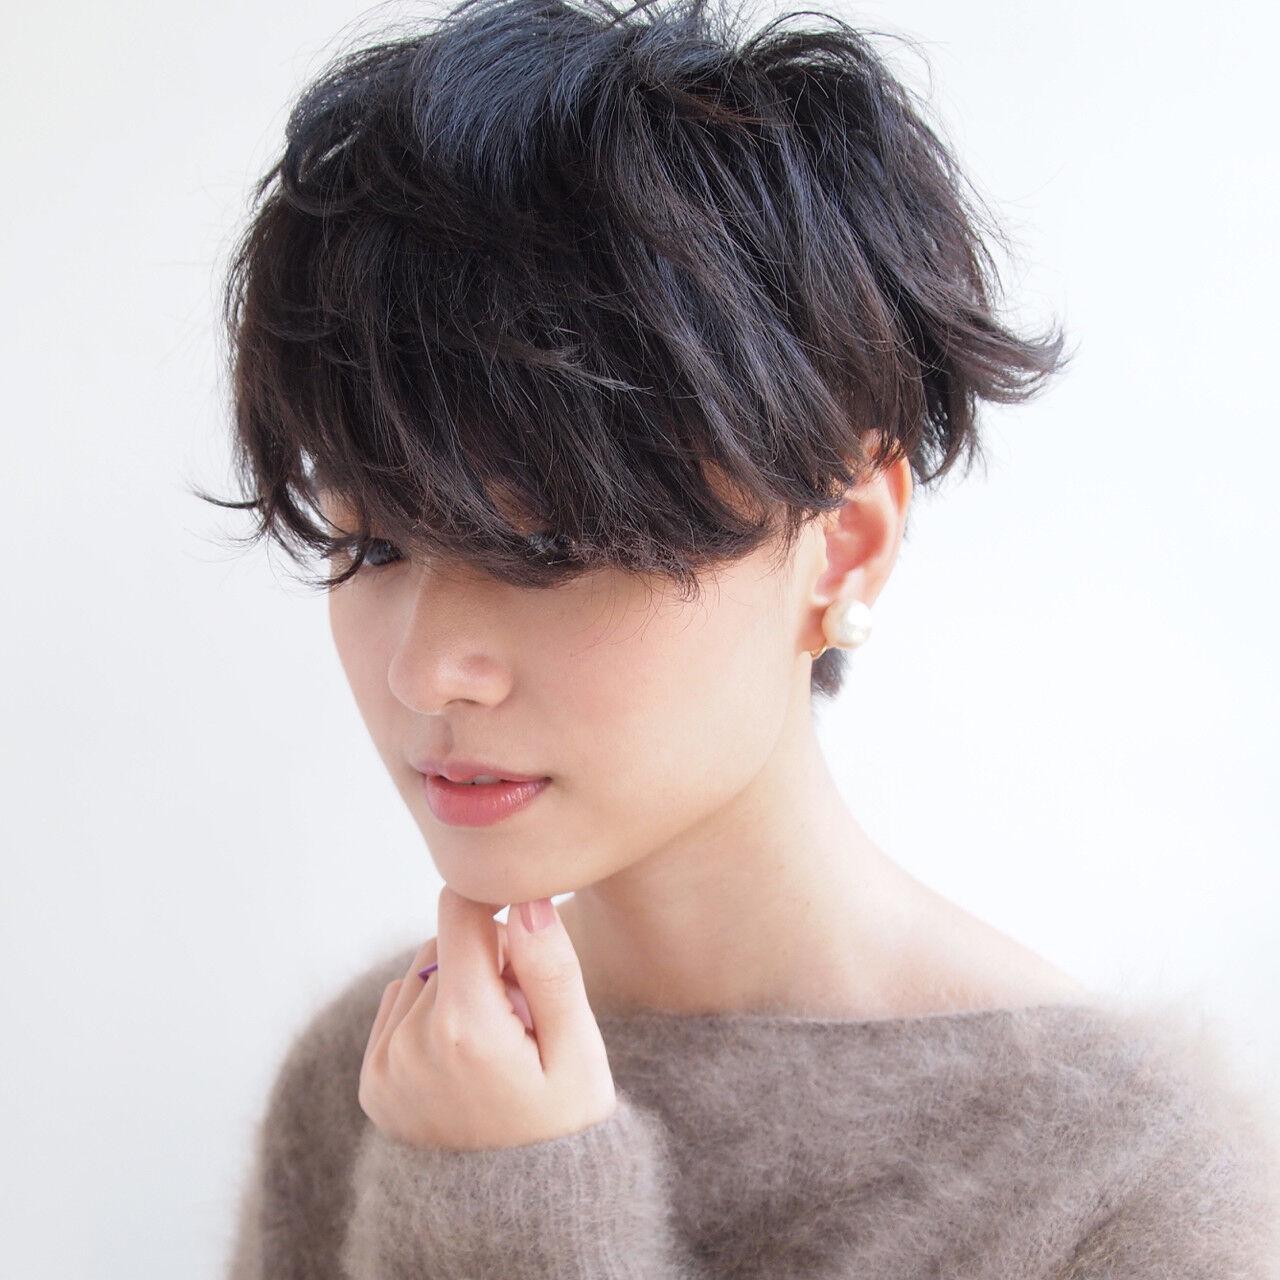 マニッシュ くせ毛風 モード ボーイッシュヘアスタイルや髪型の写真・画像